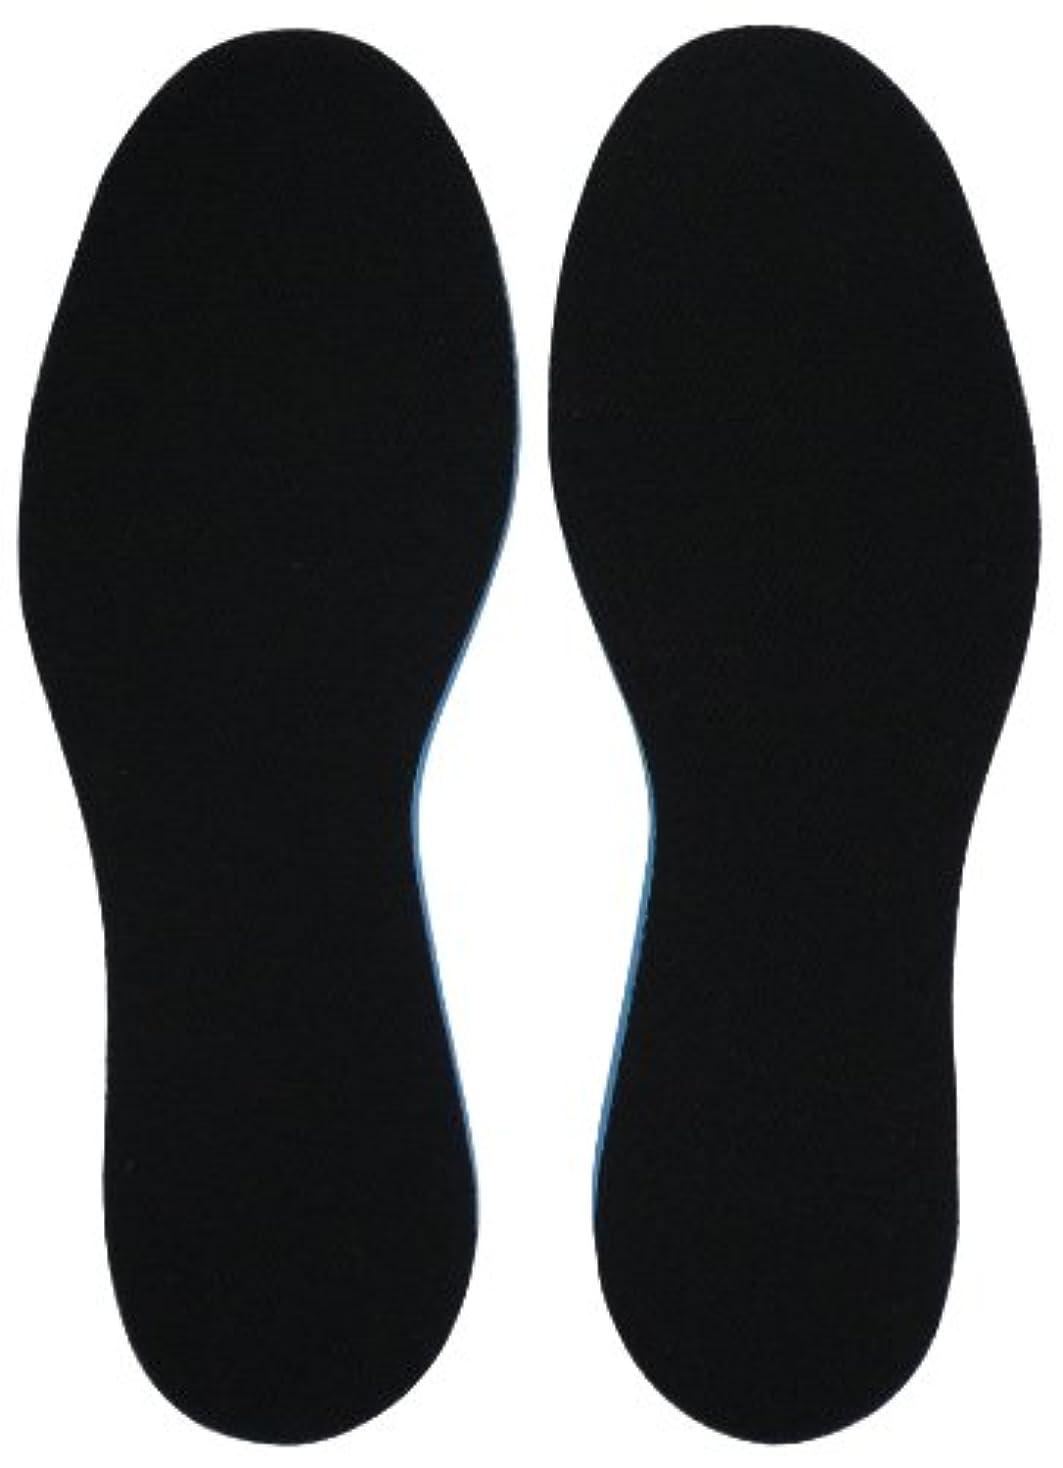 高原インサート箱コロンブス MEGA厚サイズフィッターインソール 1足分(2枚入り) 男女兼用 フリーサイズ(22.0~28.0cm)